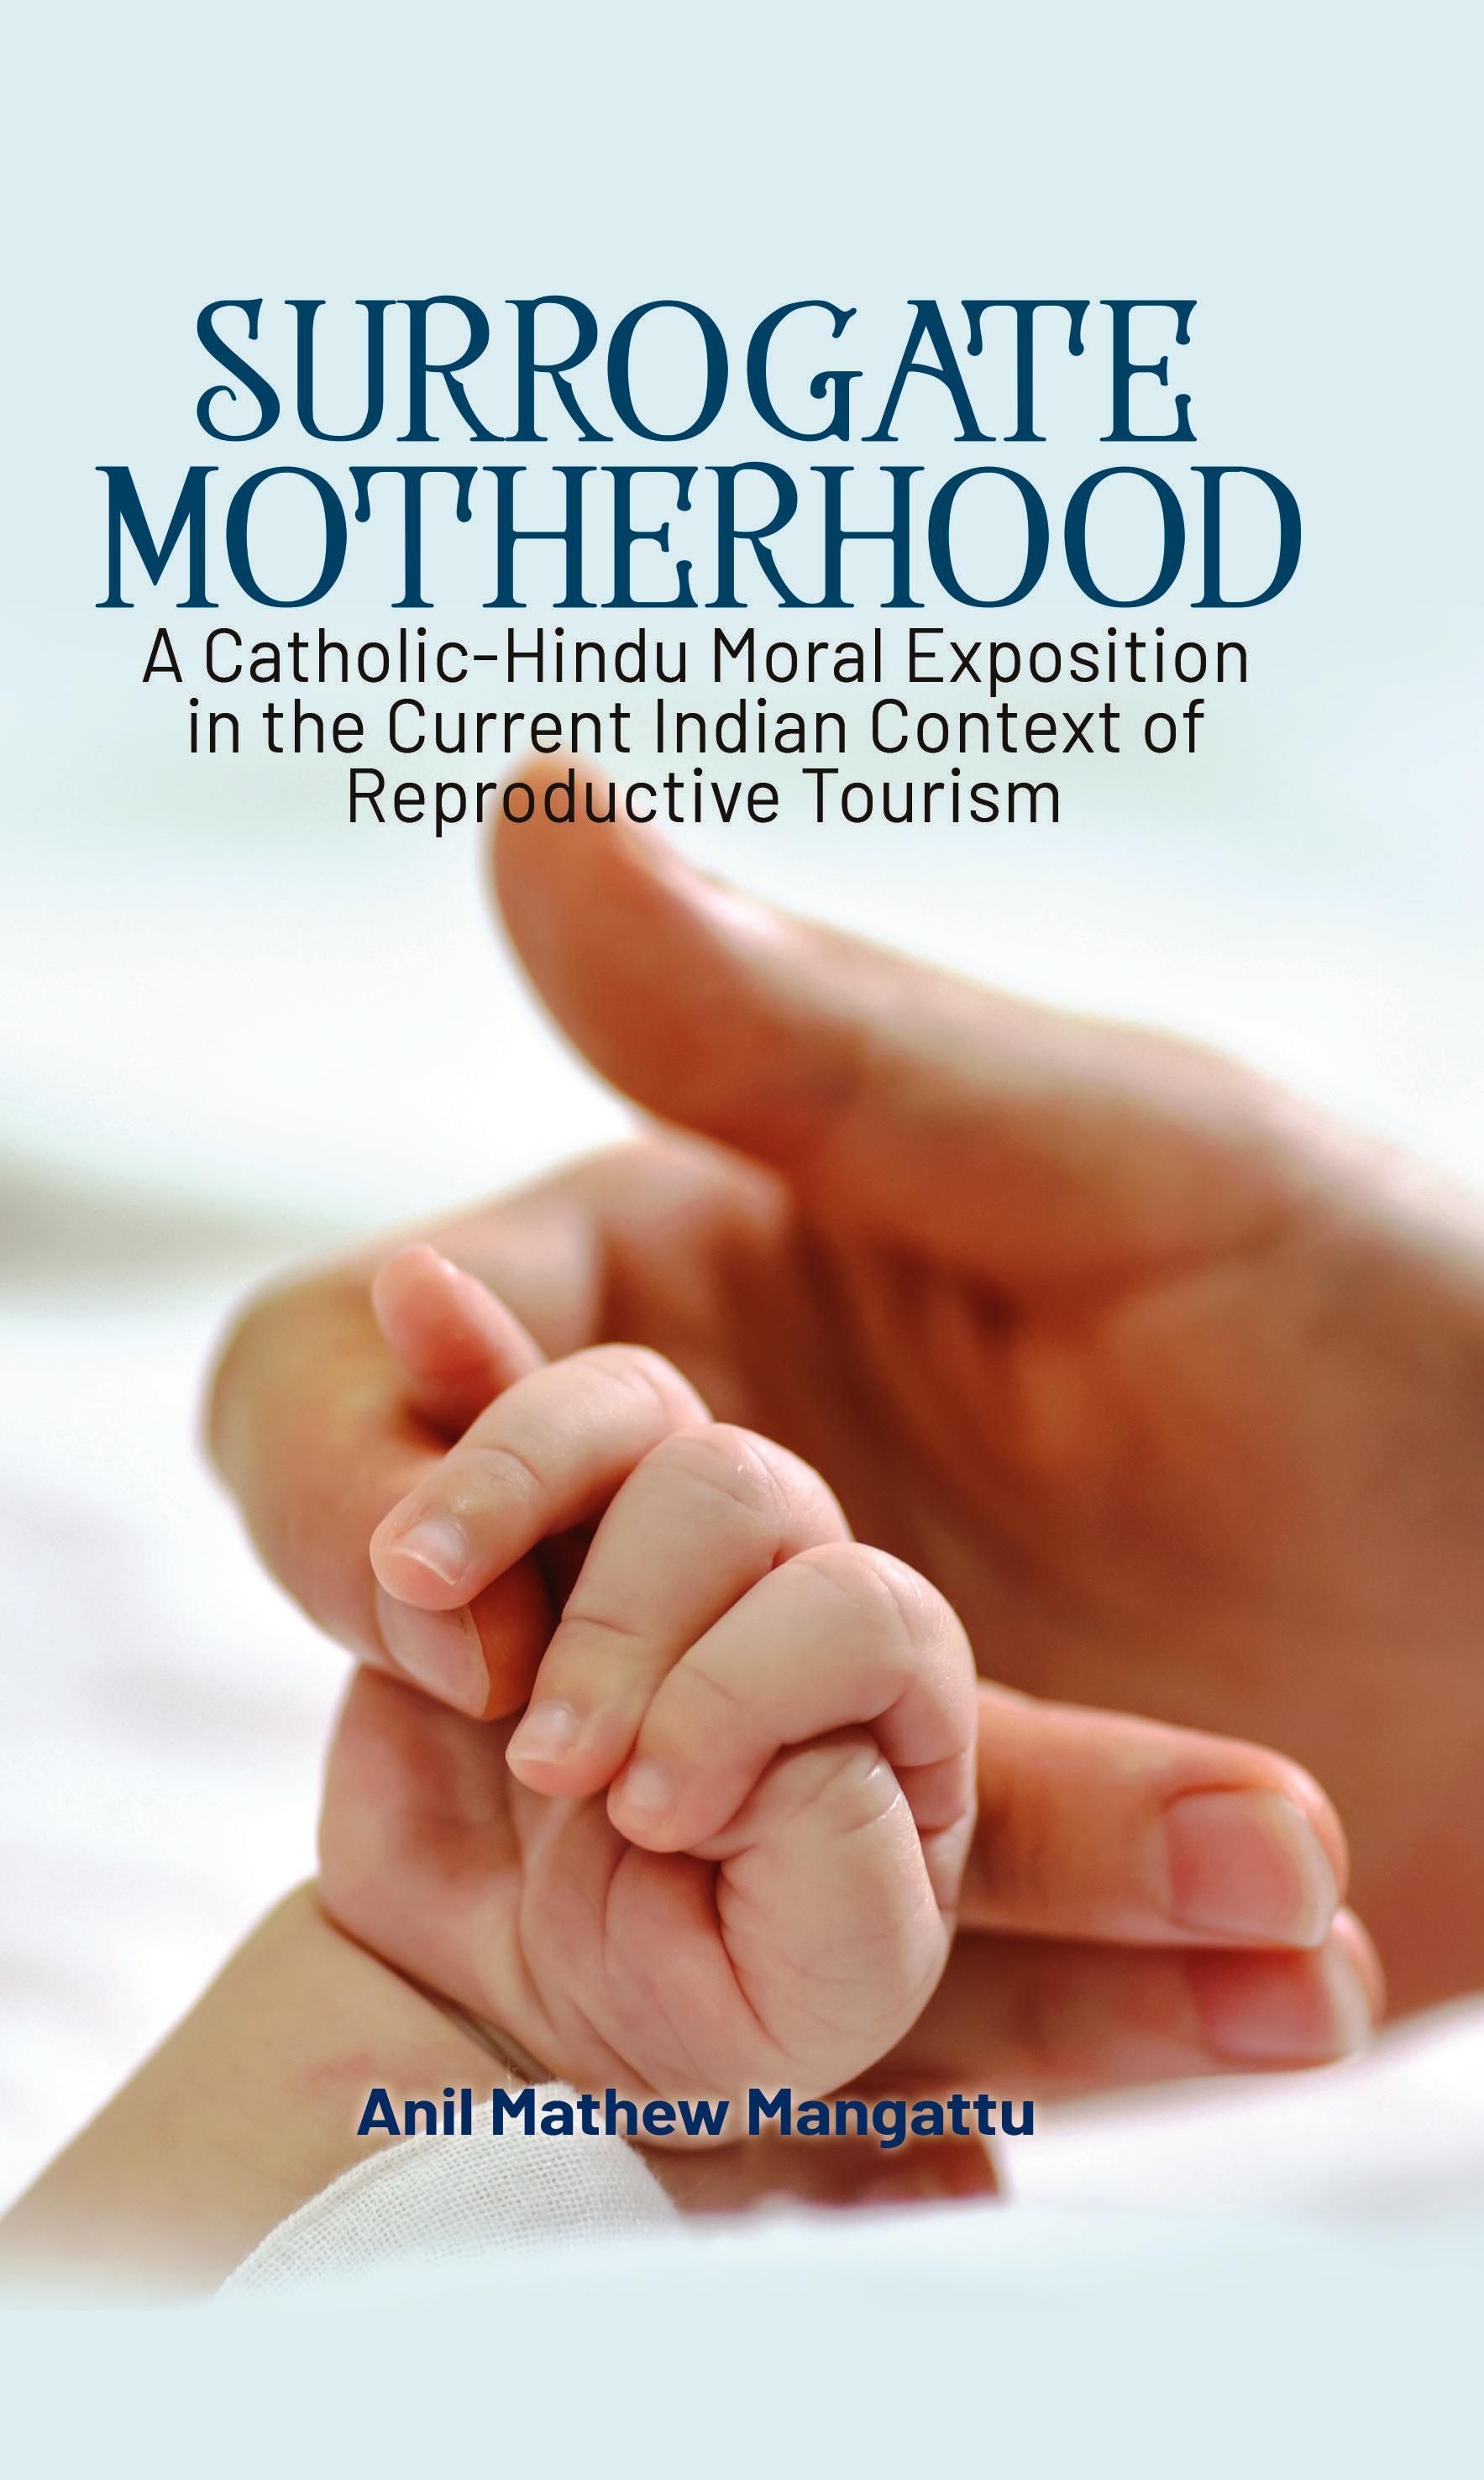 Surrogate Motherhood: A Catholic-Hindu Moral Expos…